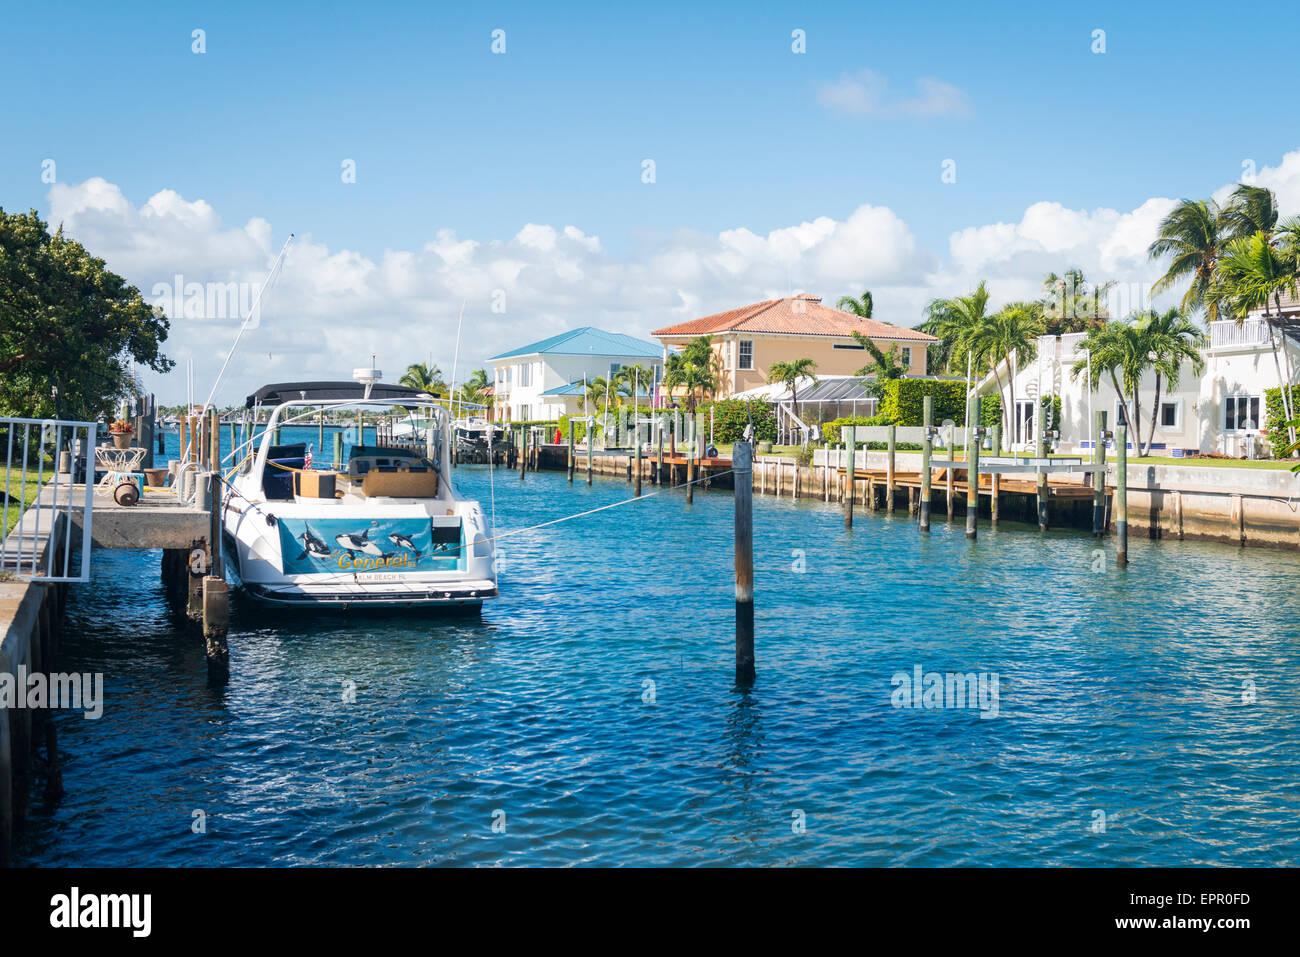 Vitesse datation Palm Harbor FL